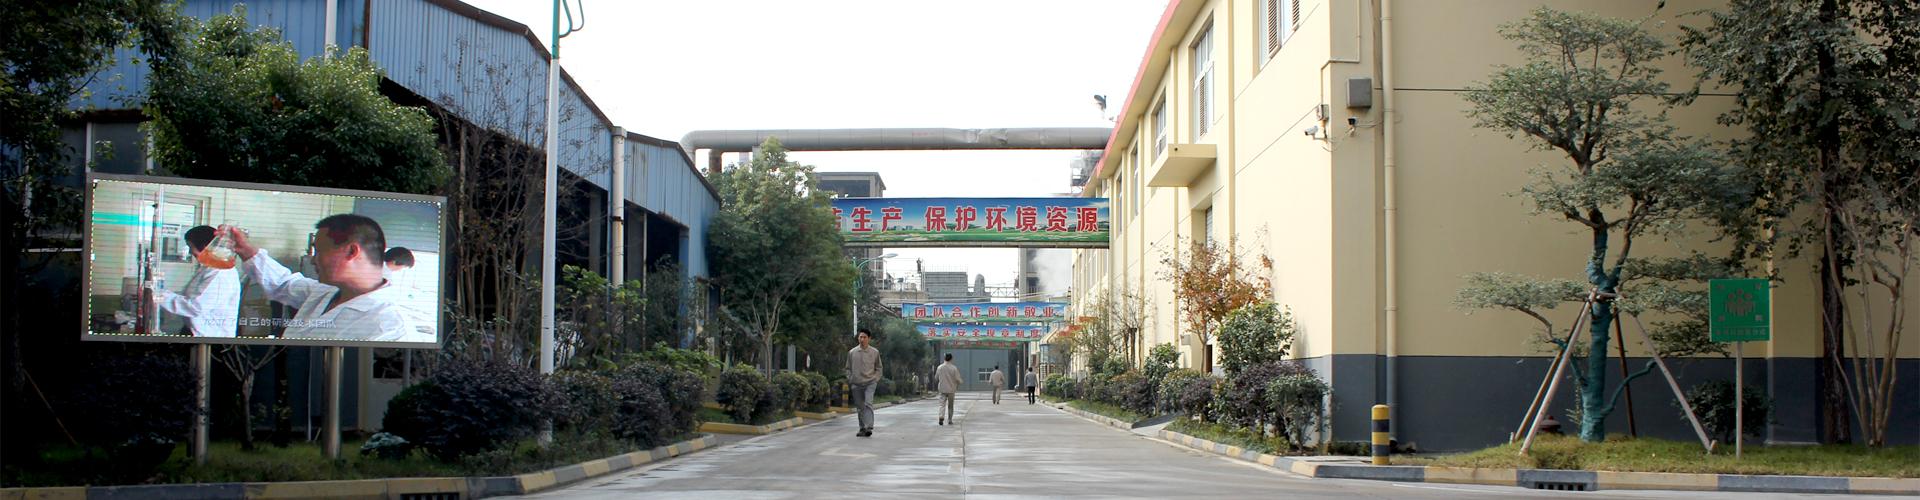 苏州市宏丰钛业有限公司